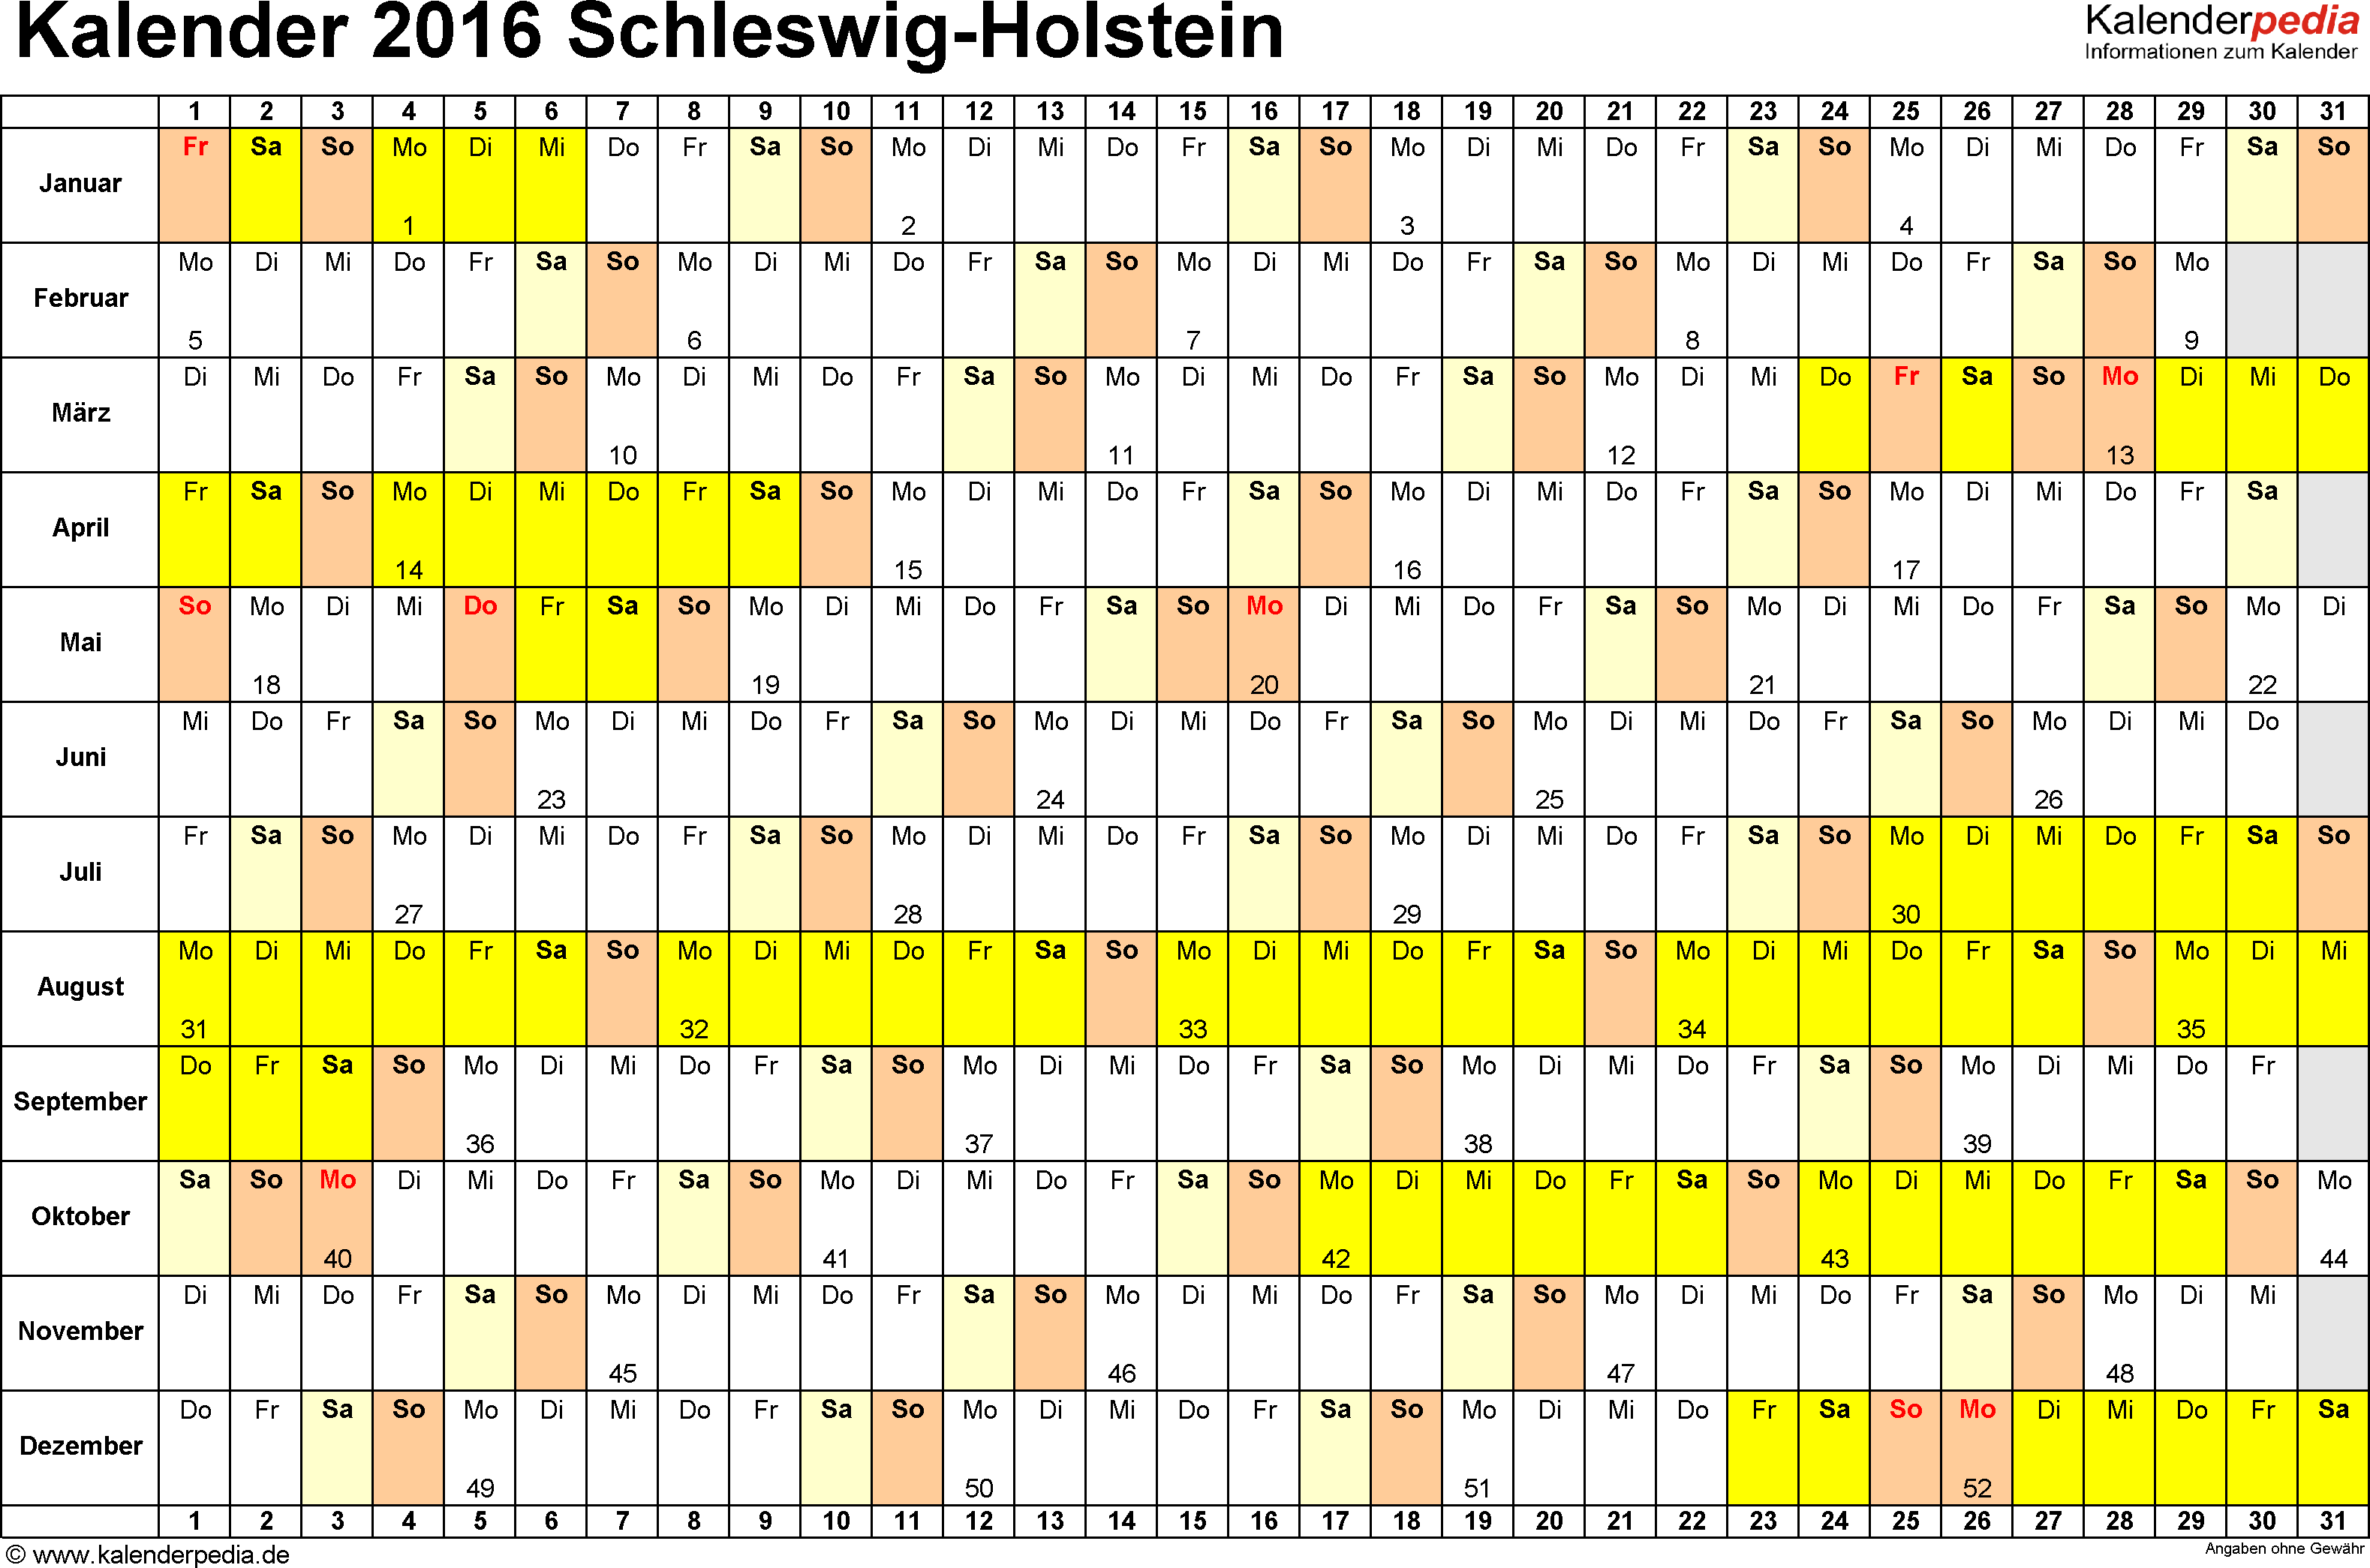 Vorlage 2: Kalender Schleswig-Holstein 2016 im Querformat, Tage nebeneinander